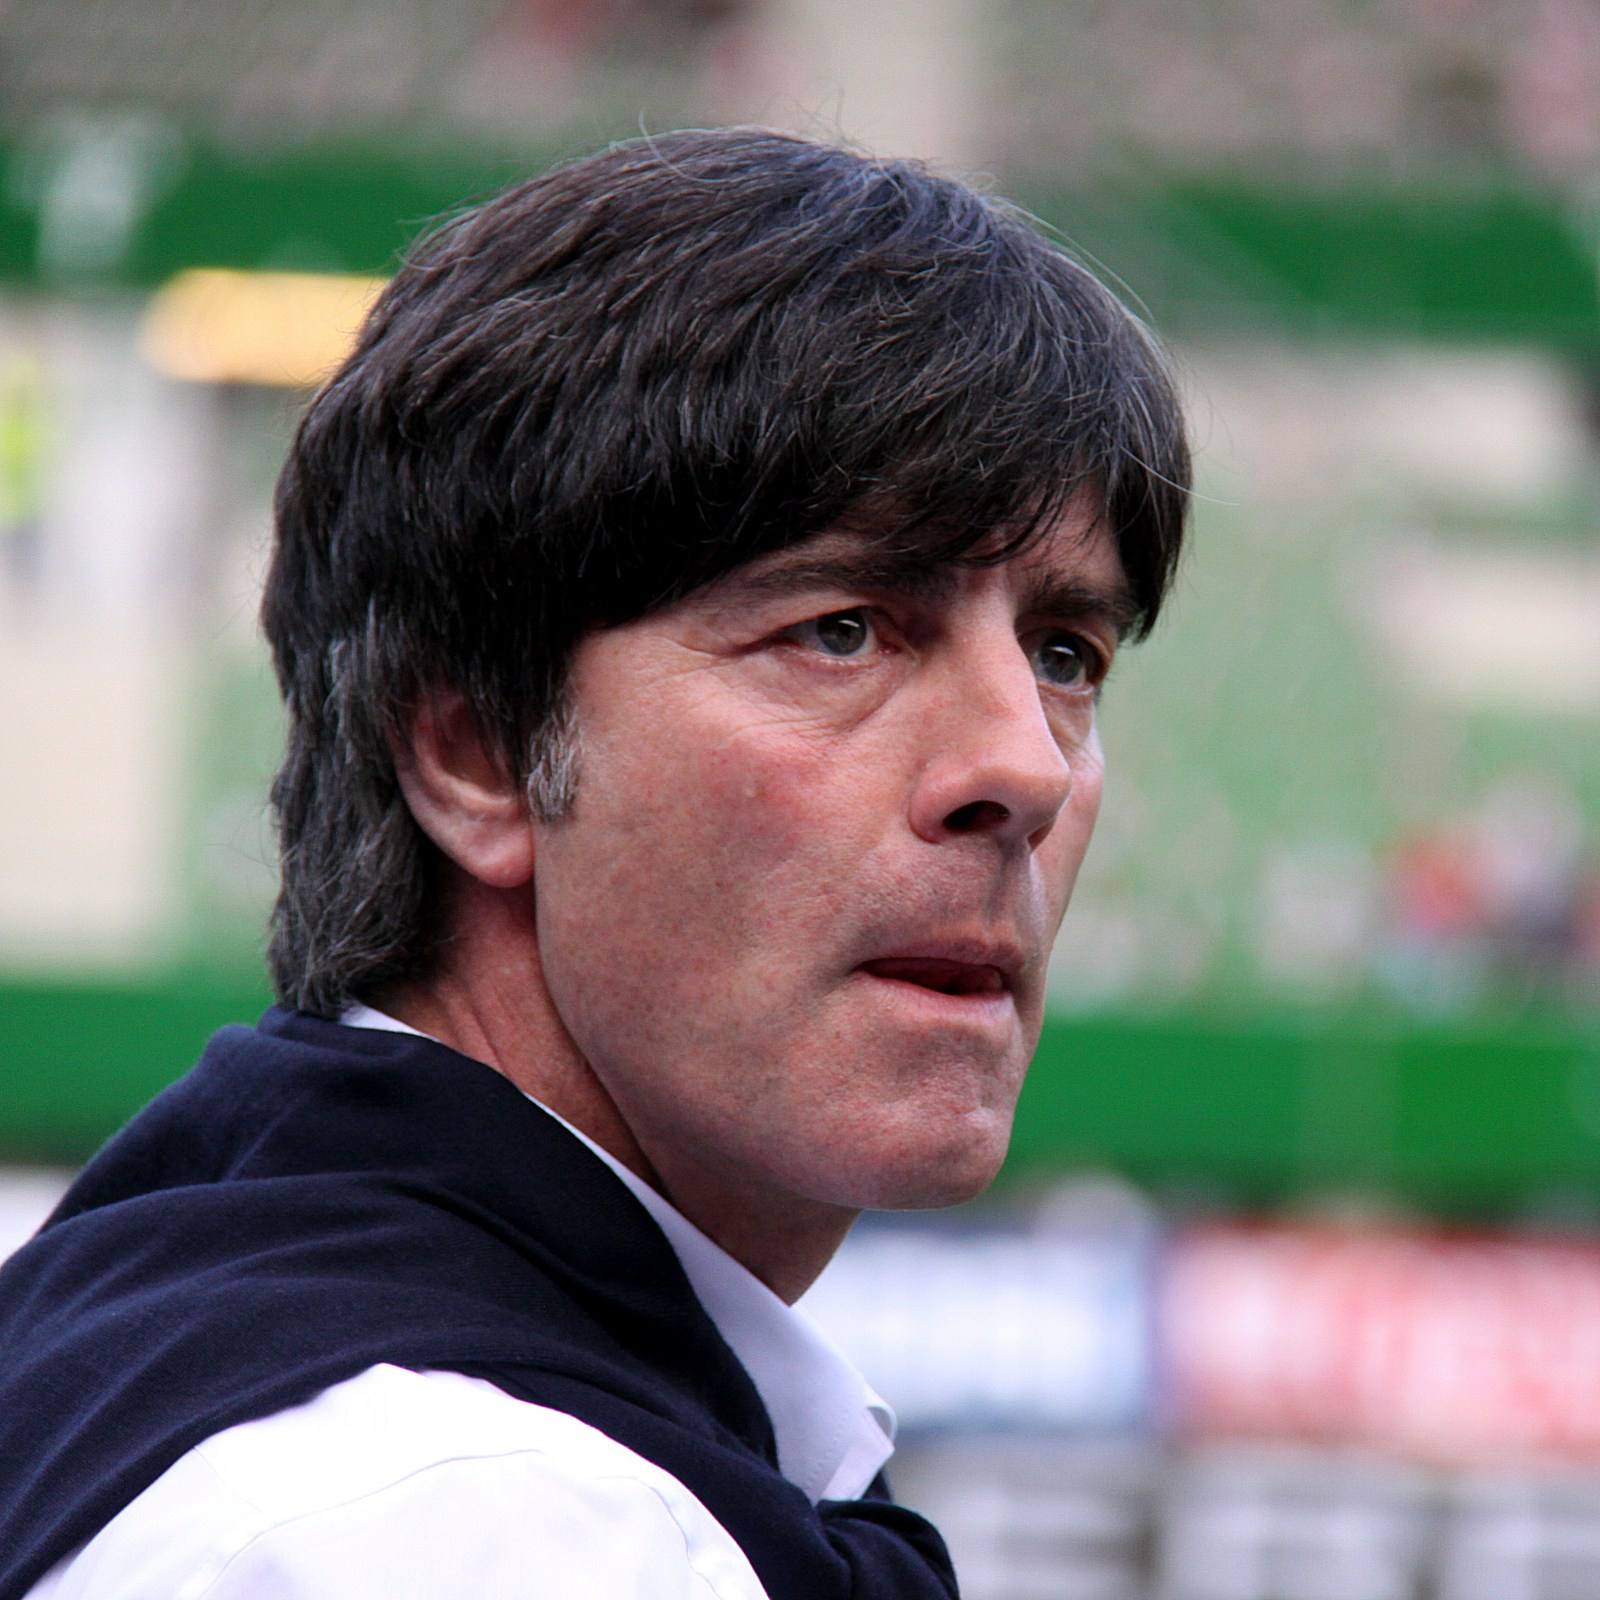 Тренер немецкой футбольной команды фото